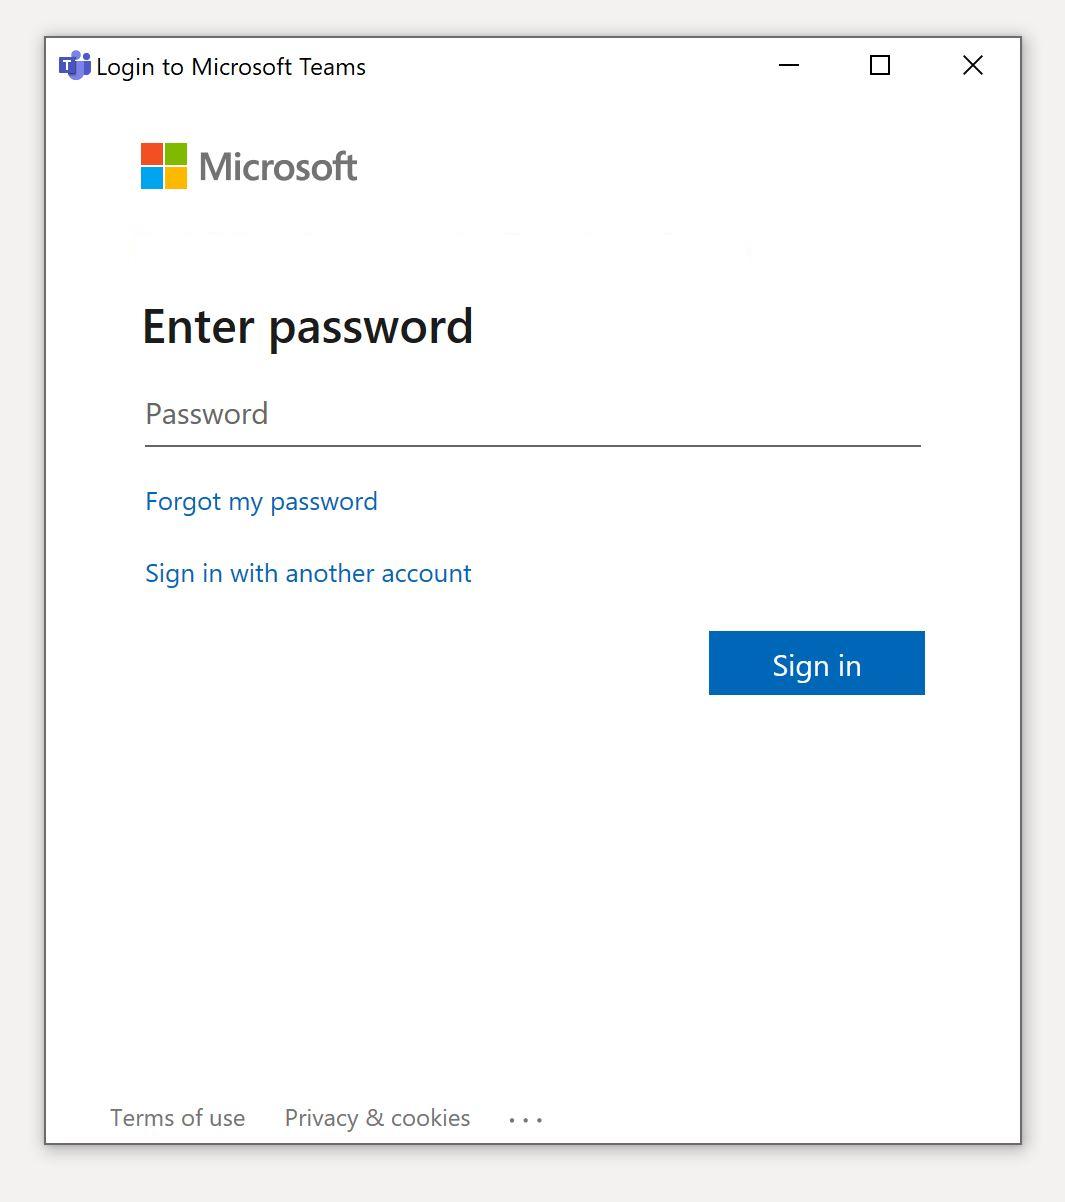 Logging in password